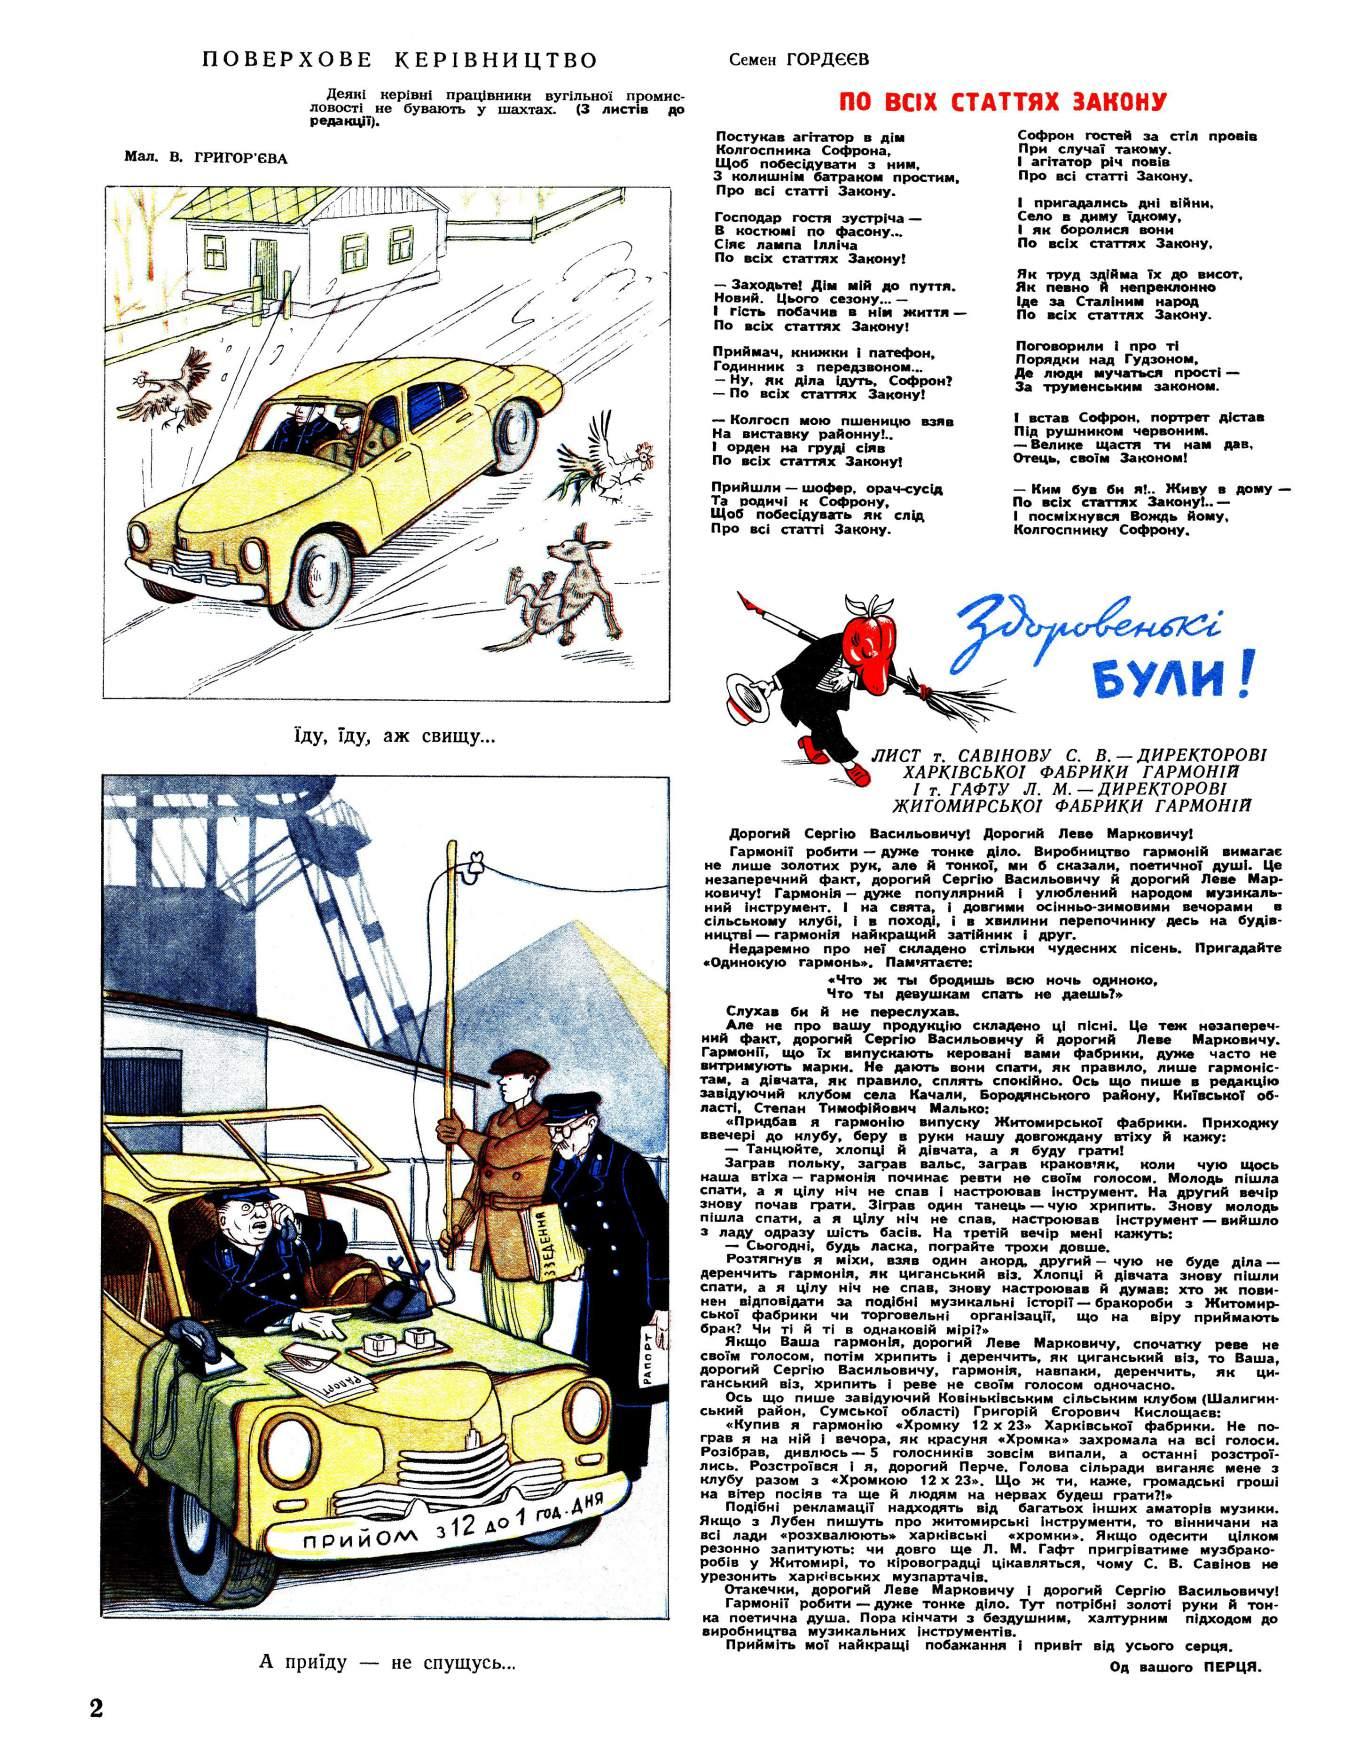 Журнал перець 1950 №22